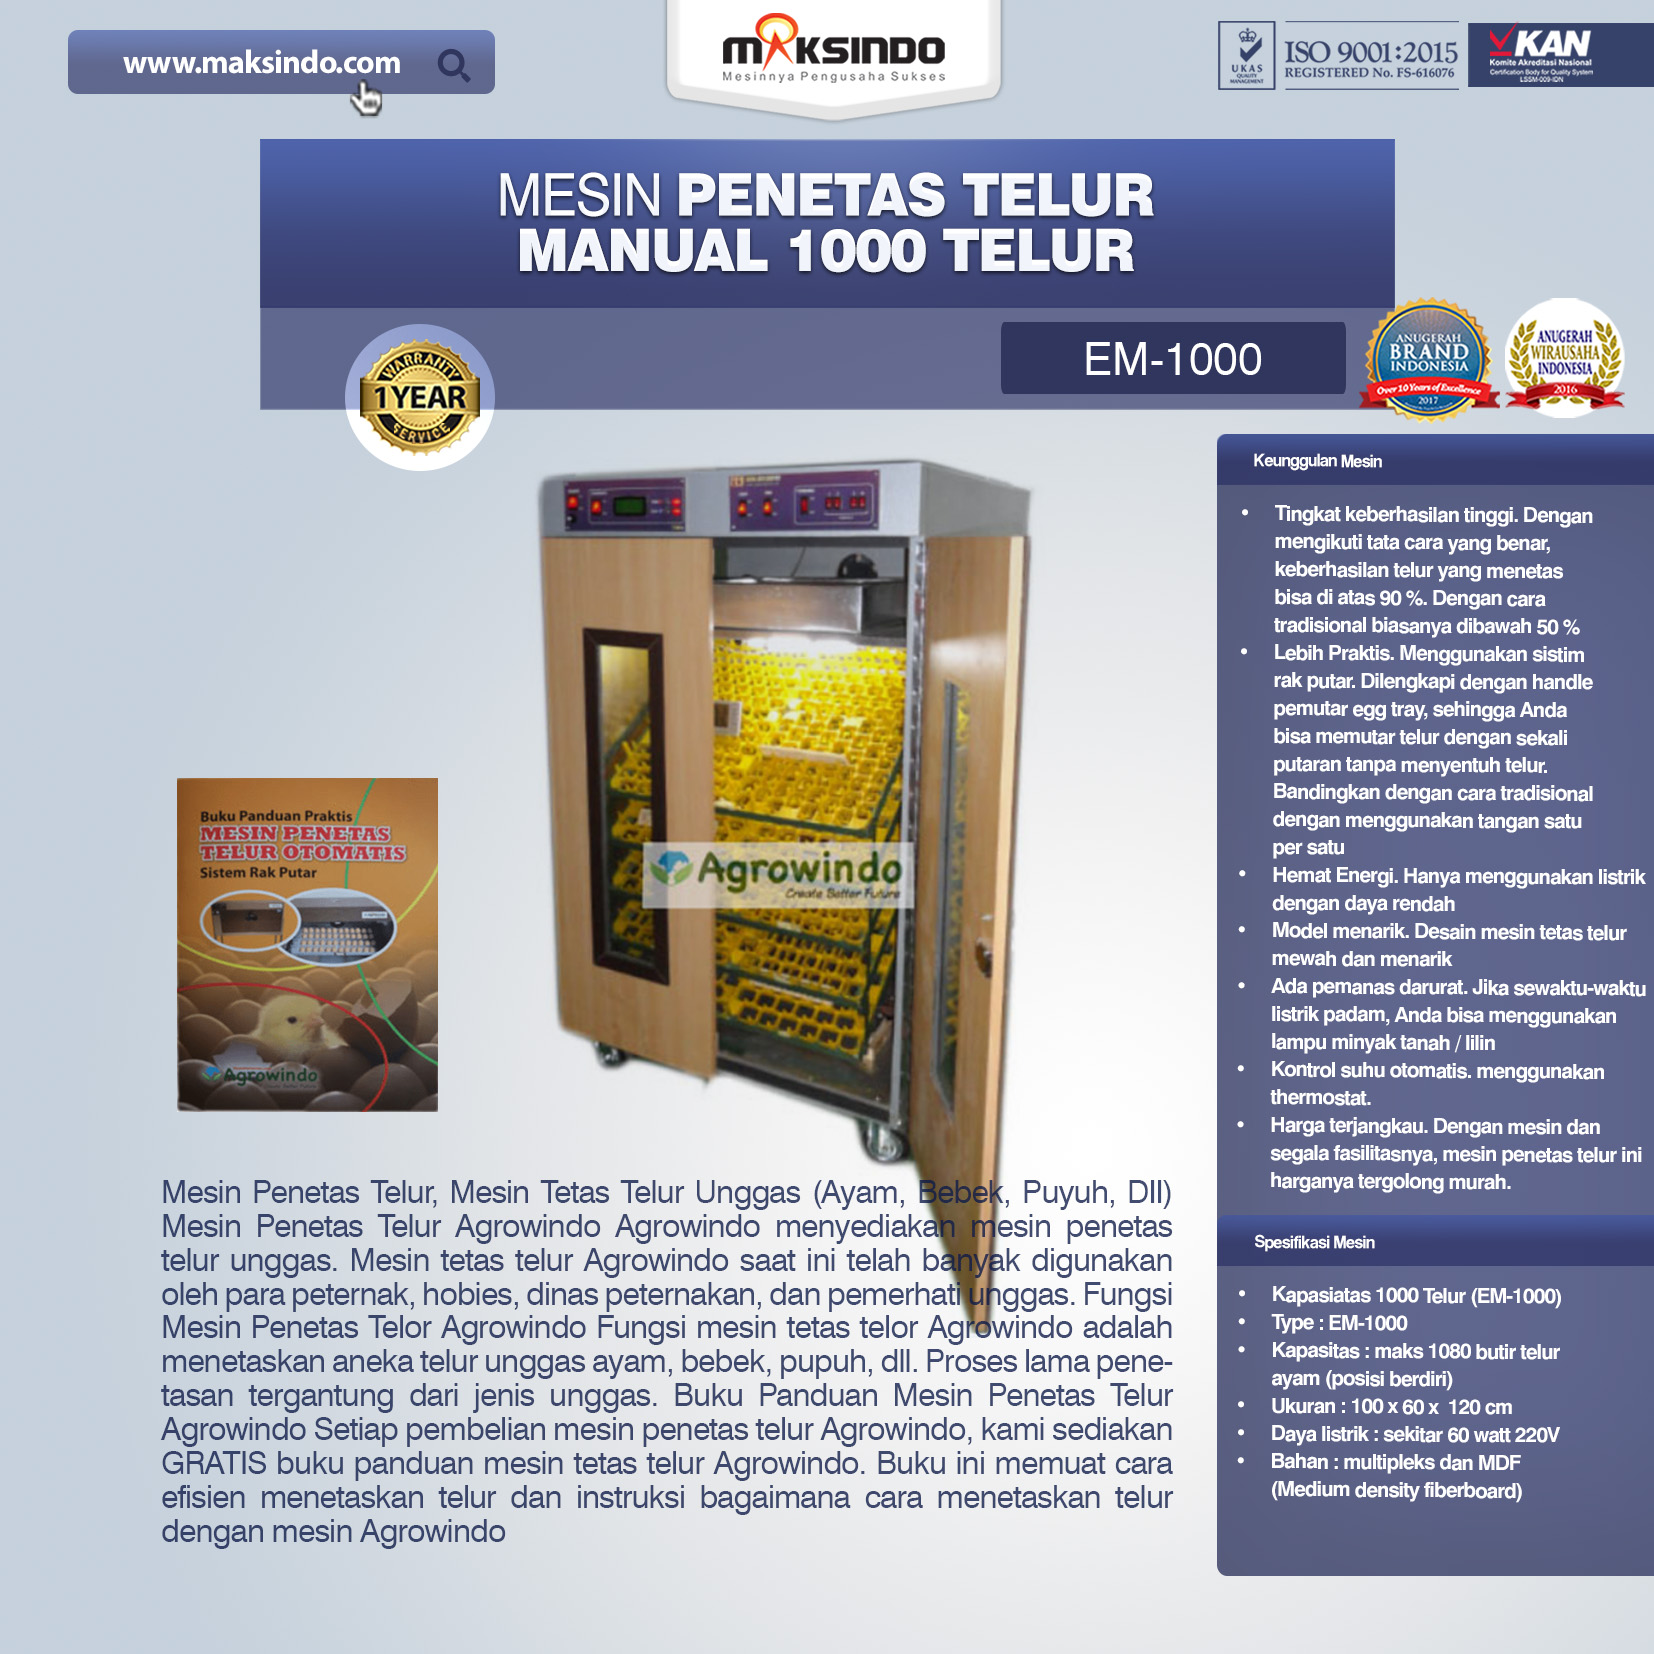 Jual Mesin Penetas Telur Manual 1000 Telur (EM-1000) di Palembang